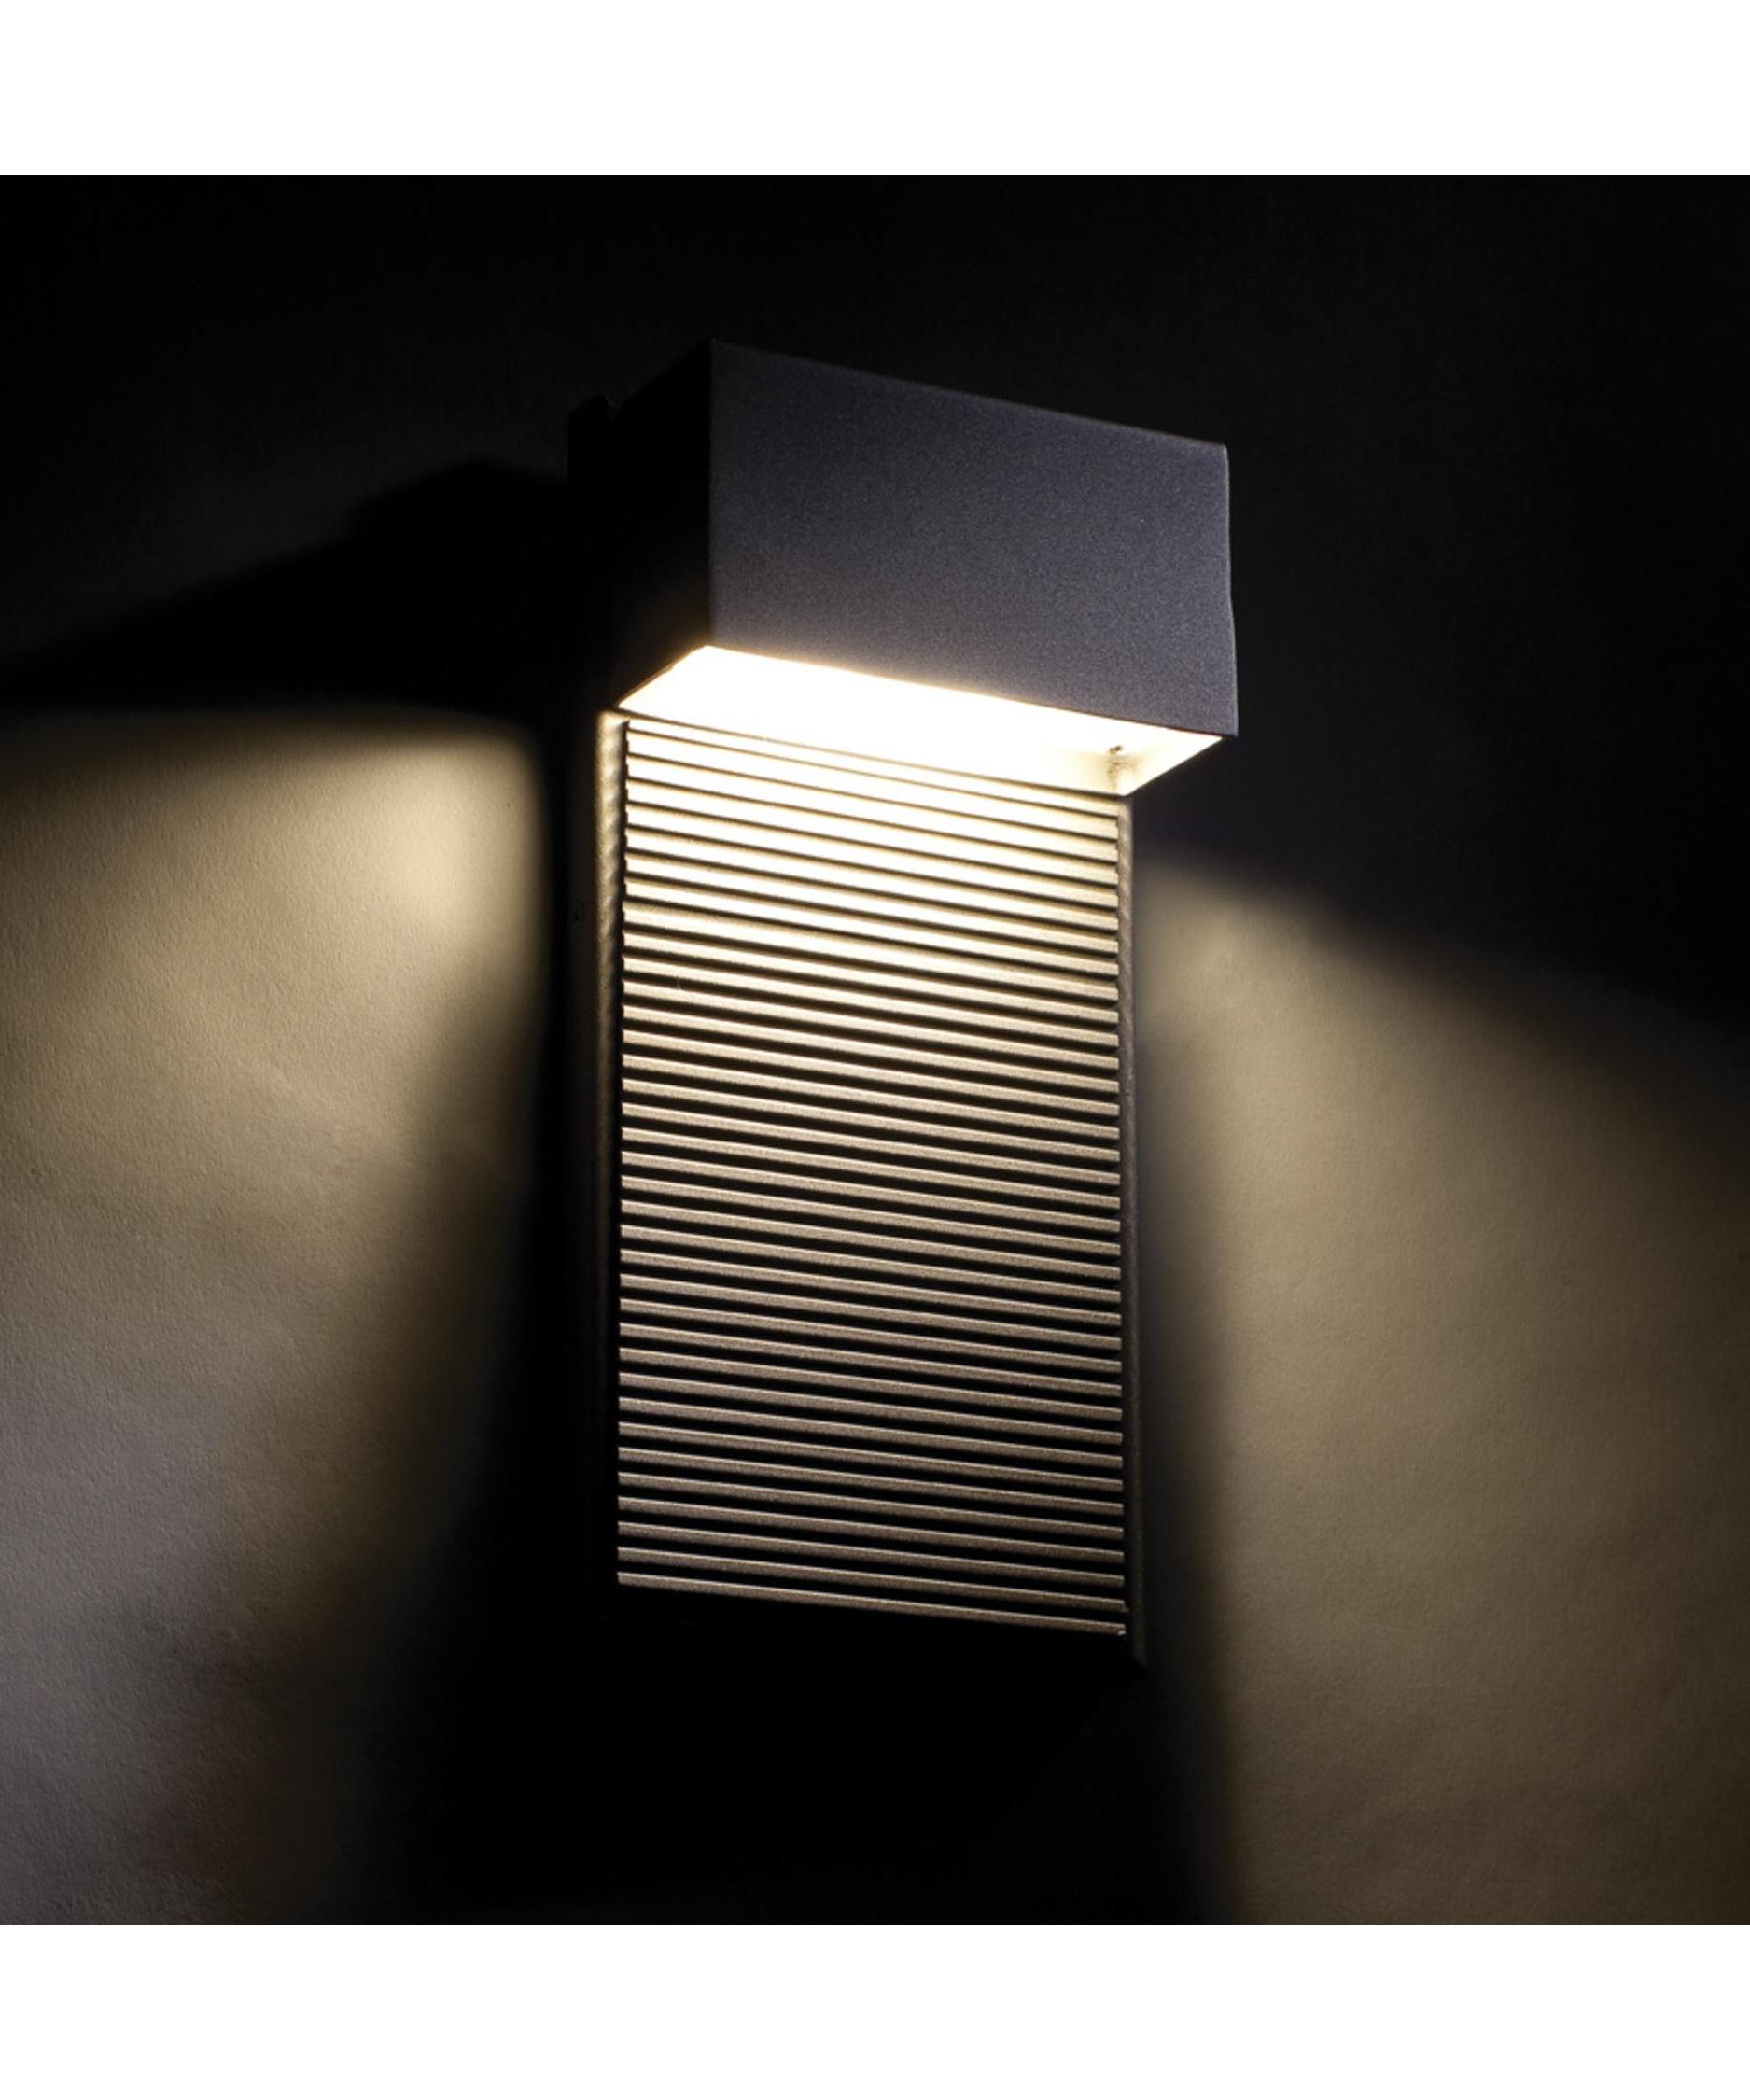 Contemporary Outdoor Lighting Fixtures In Popular Outdoor : Light Modern Outdoor Wall Lantern Carriage Lamps Bronze (View 4 of 20)